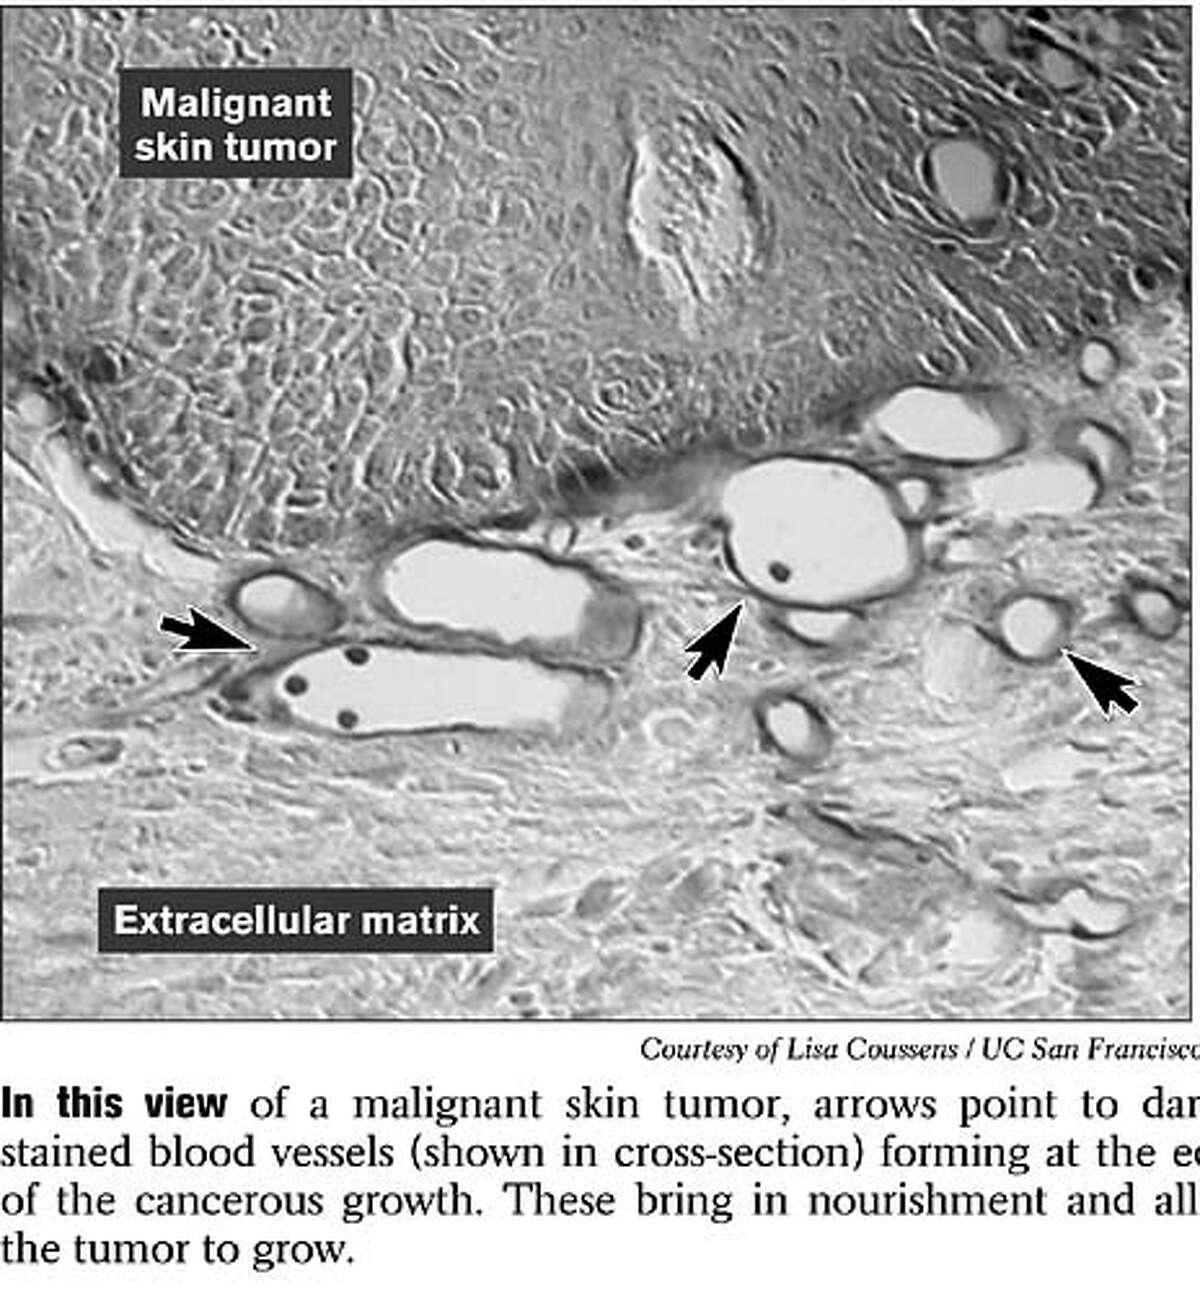 Malignant Skin Tumor. Photo courtesy of Lisa Coussens, UCSF